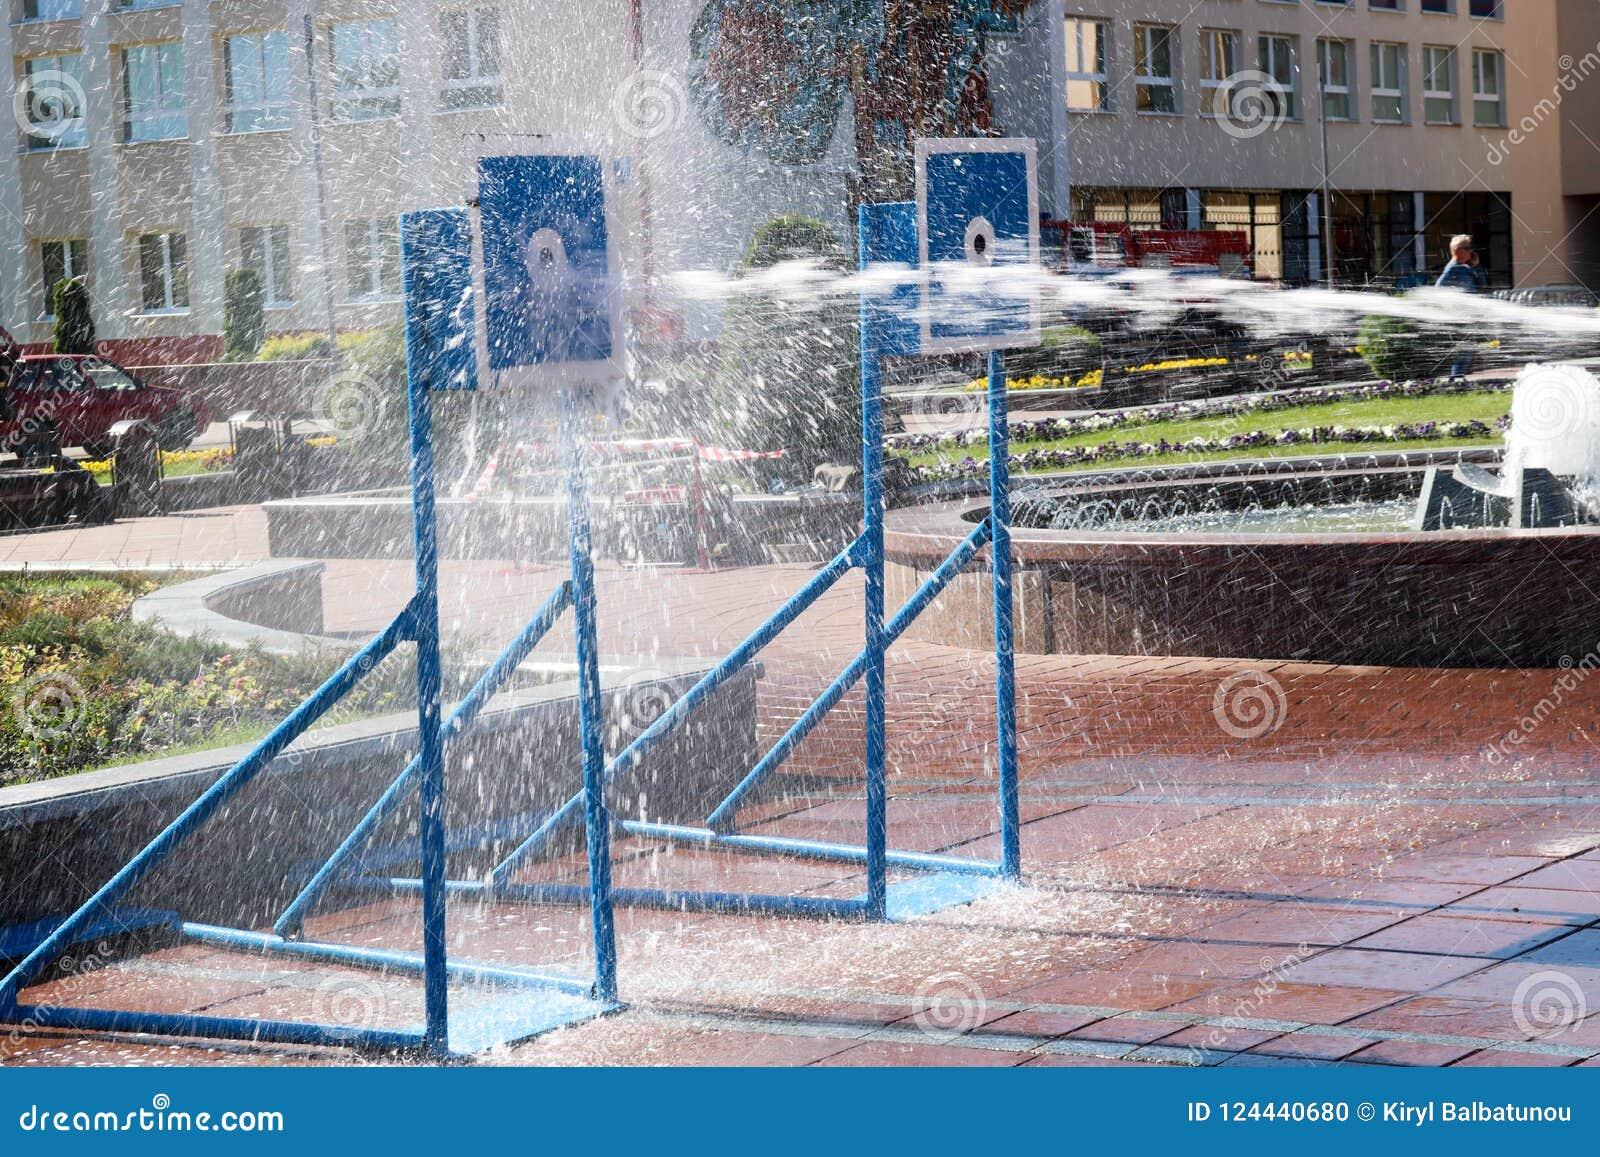 Um córrego molhado, poderoso da água espirra e tiros no alvo, com muita pressão na rua na atração